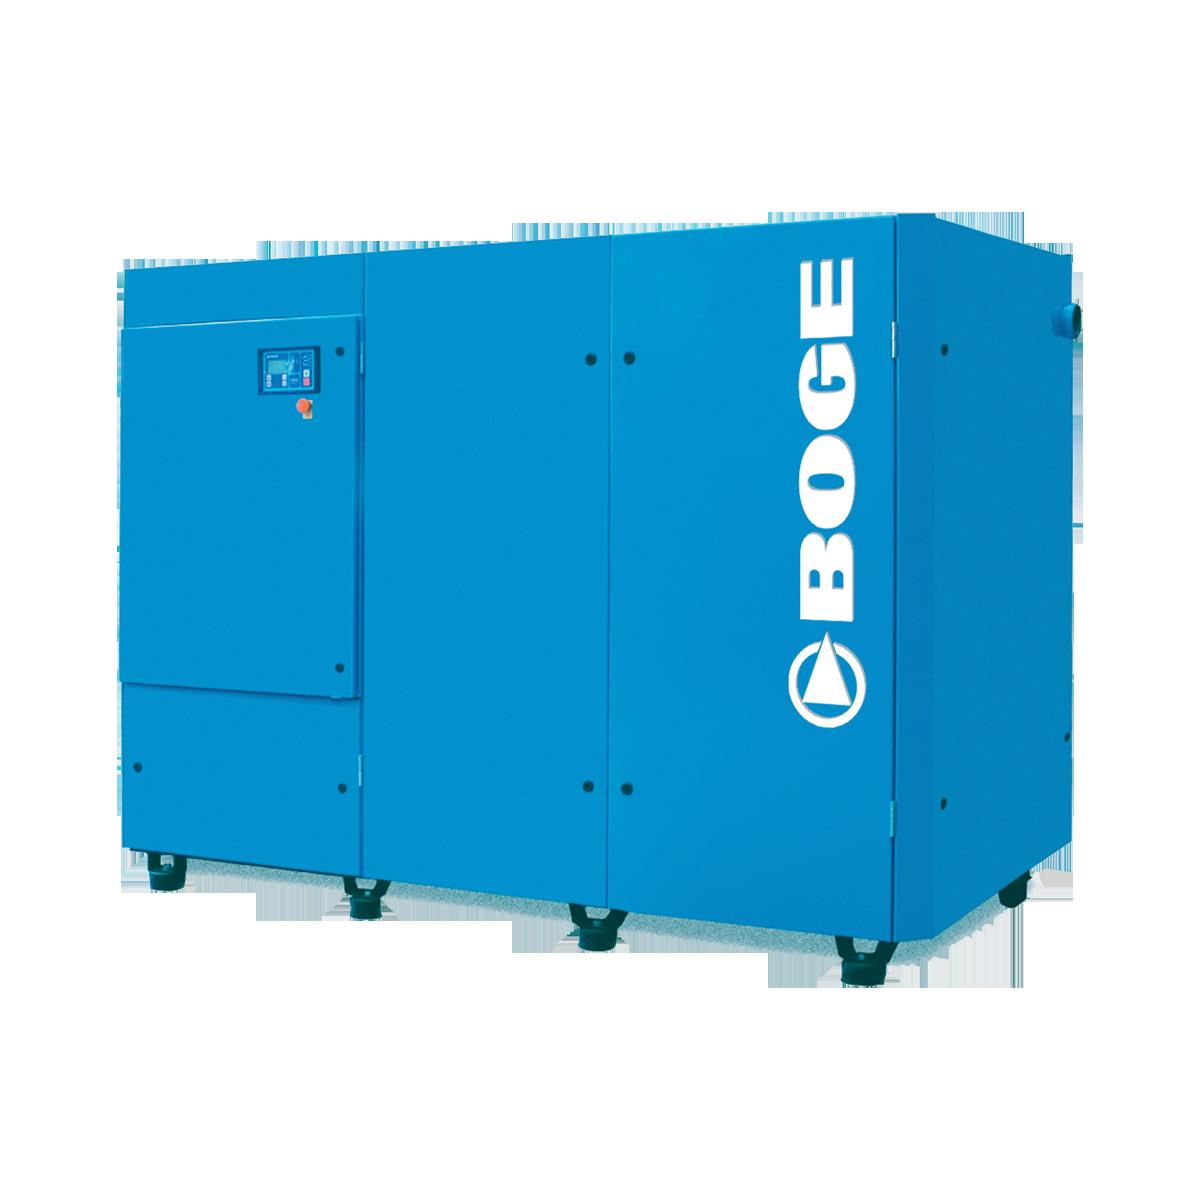 Boge SL160-4 Base 3PH 460-575V 150 PSI